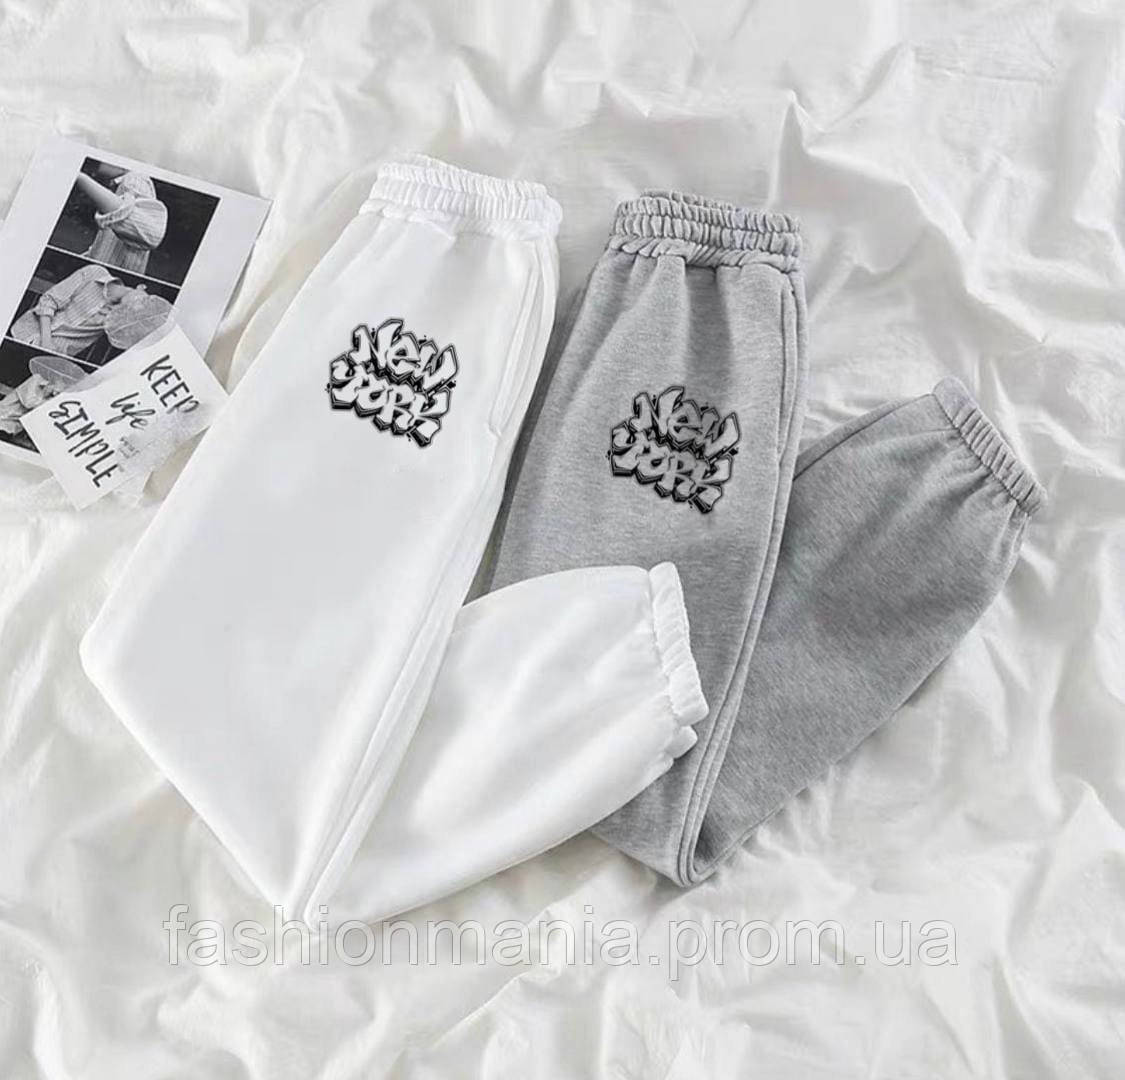 Спортивные штаны женские двунитка молоко, серый 42-44,46-48,50-52